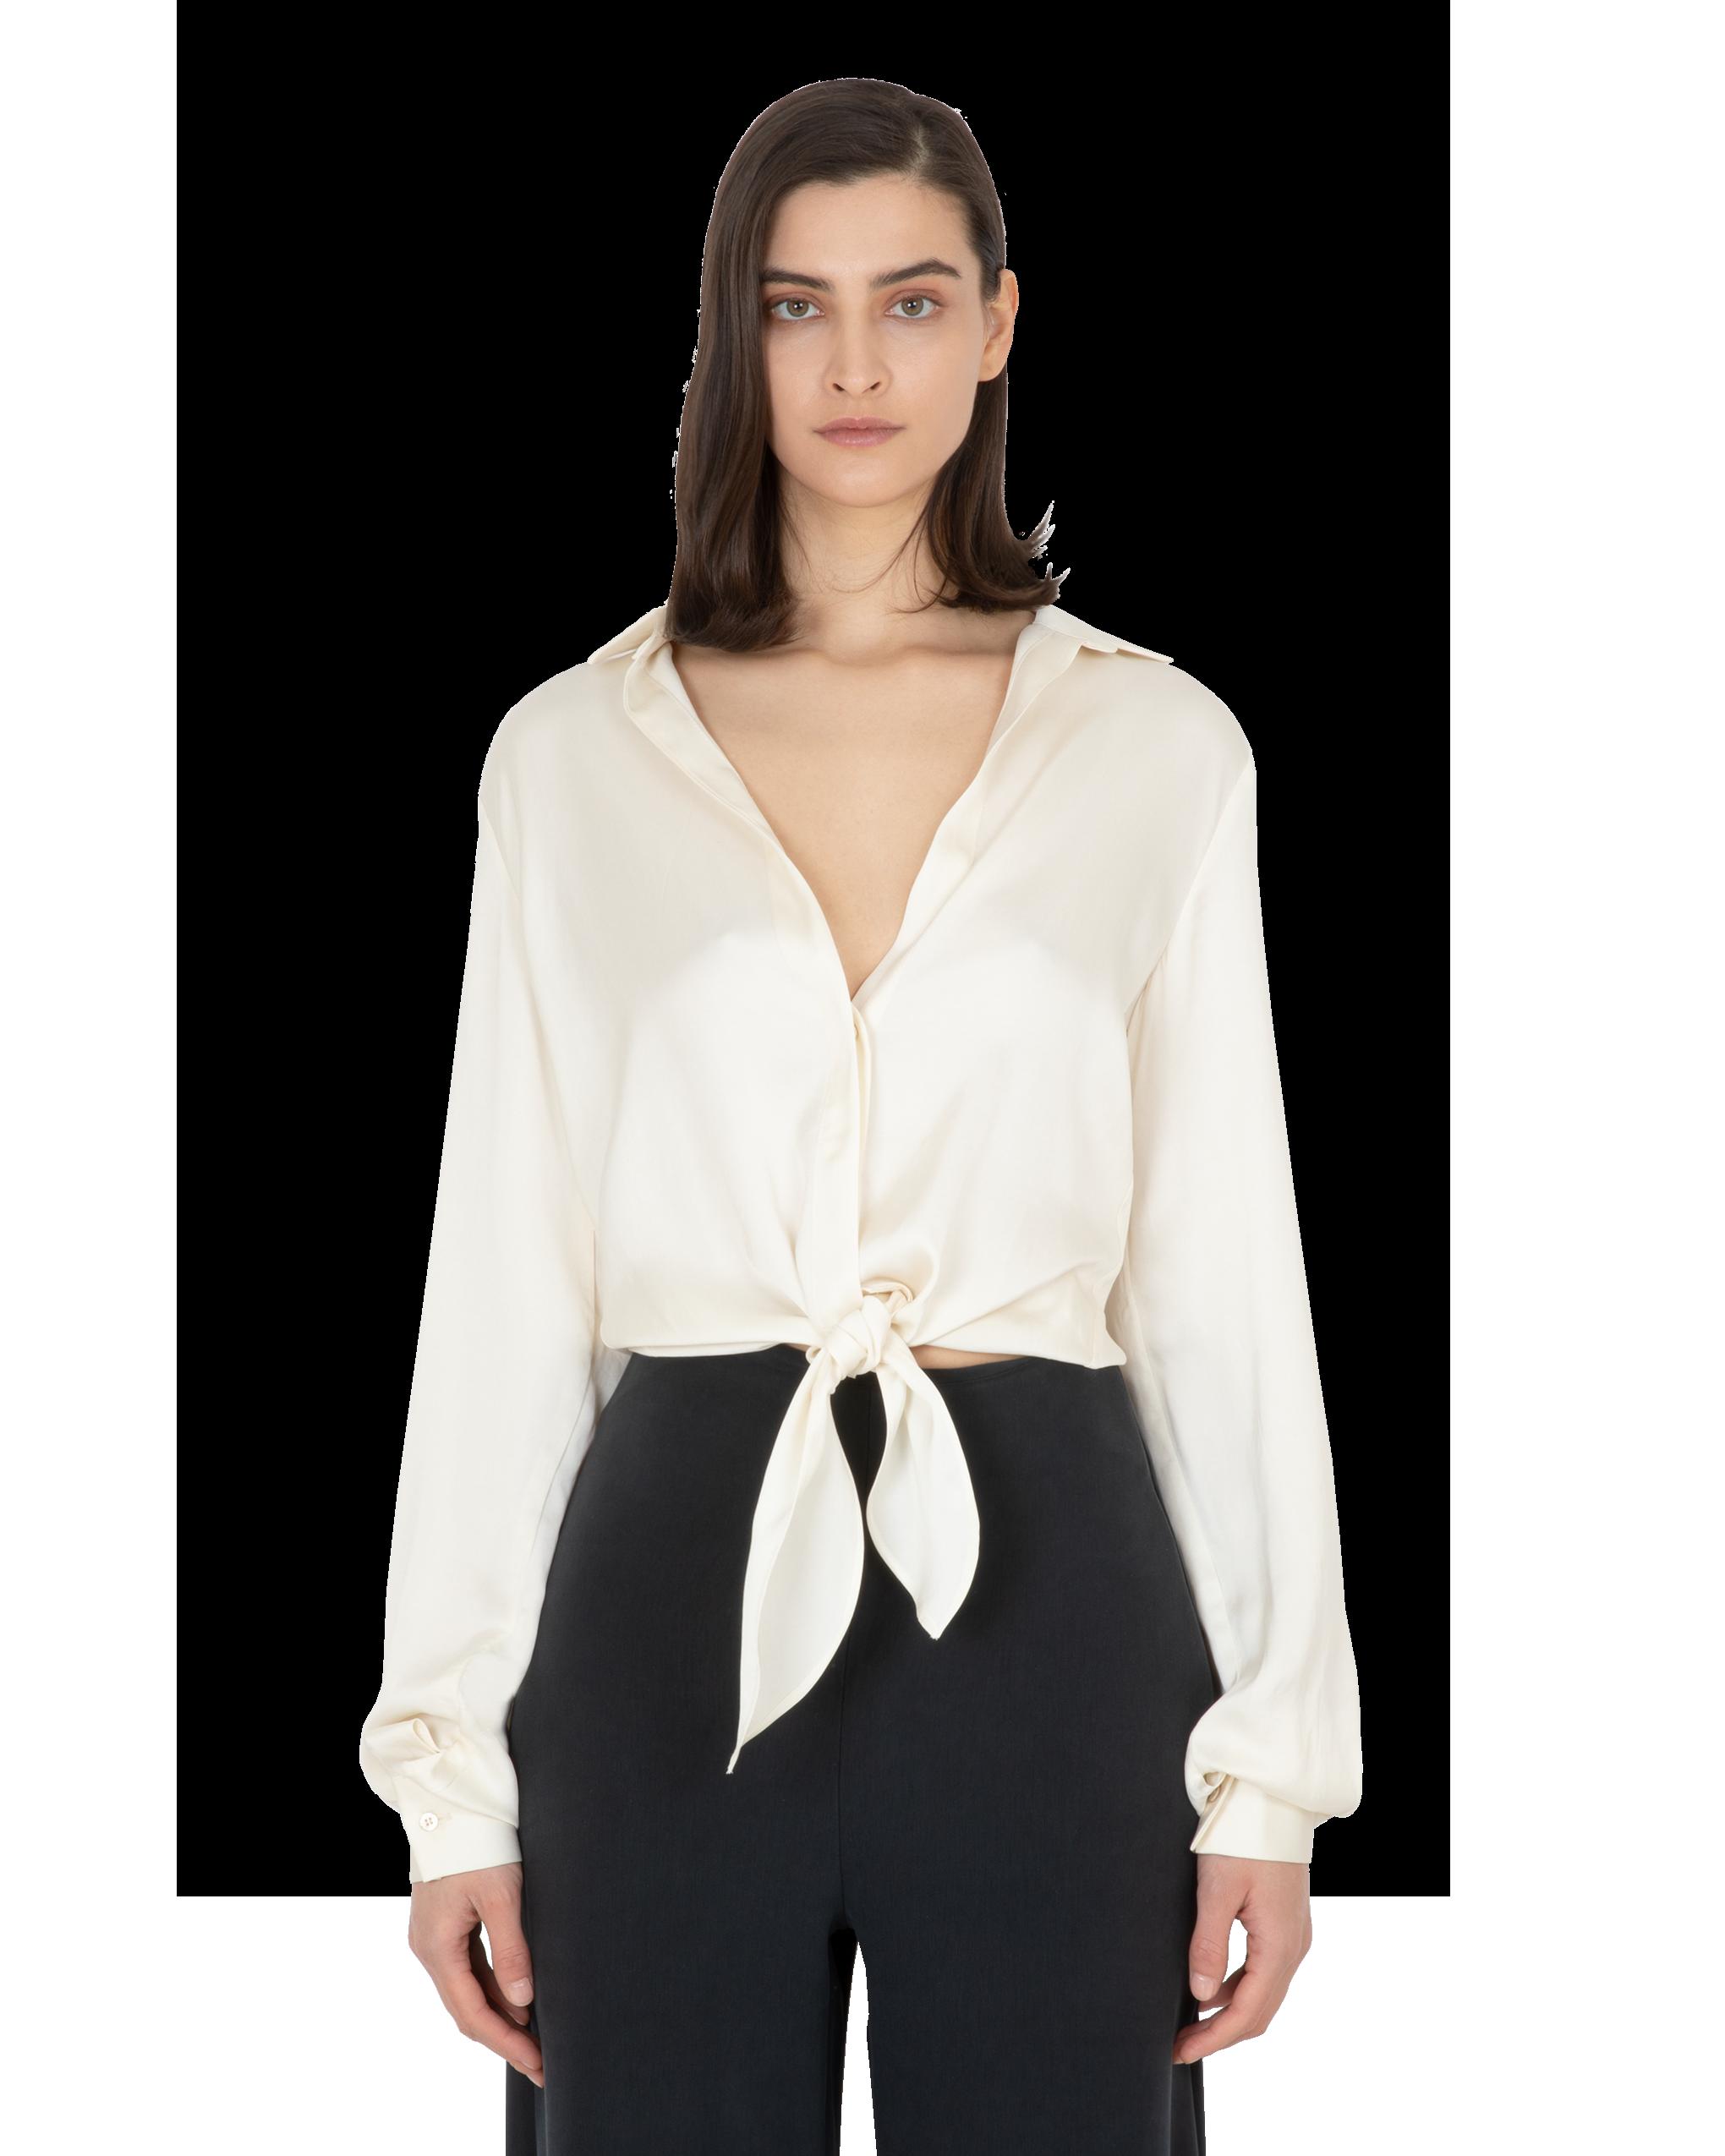 Model wearing EMIN + PAUL cream tie-front blouse.